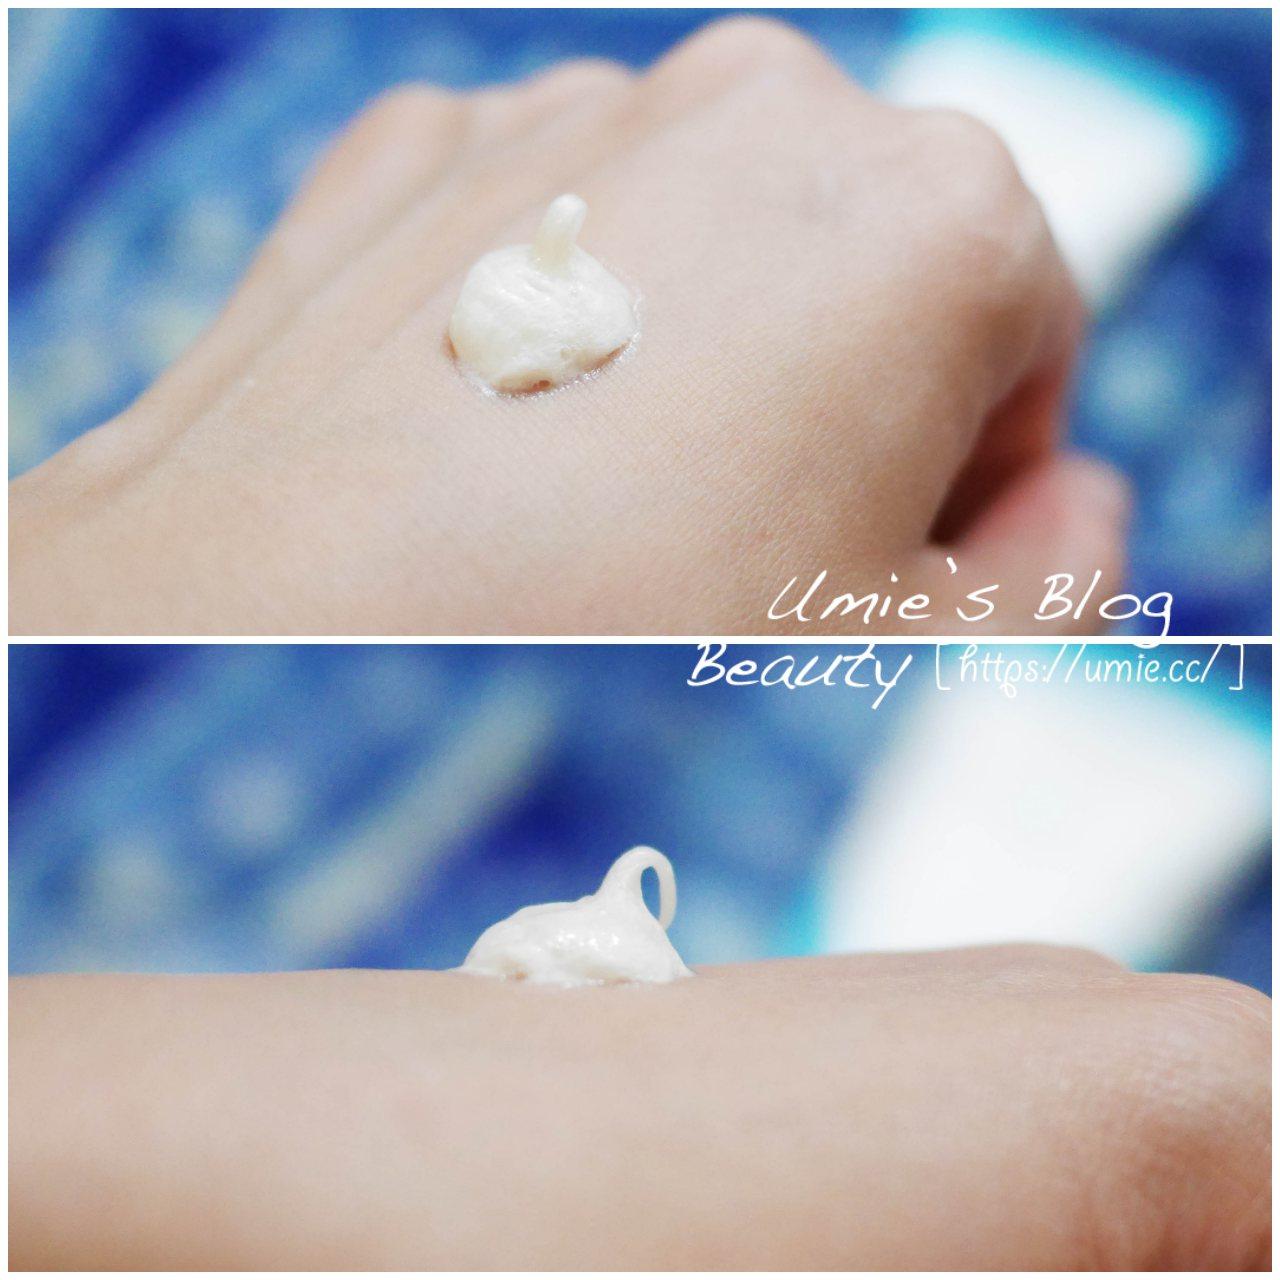 北海道熱銷洗面乳「北海道二十年牛奶泡」,用乳清泡泡洗出發光肌!去暗沉、不緊繃 :)